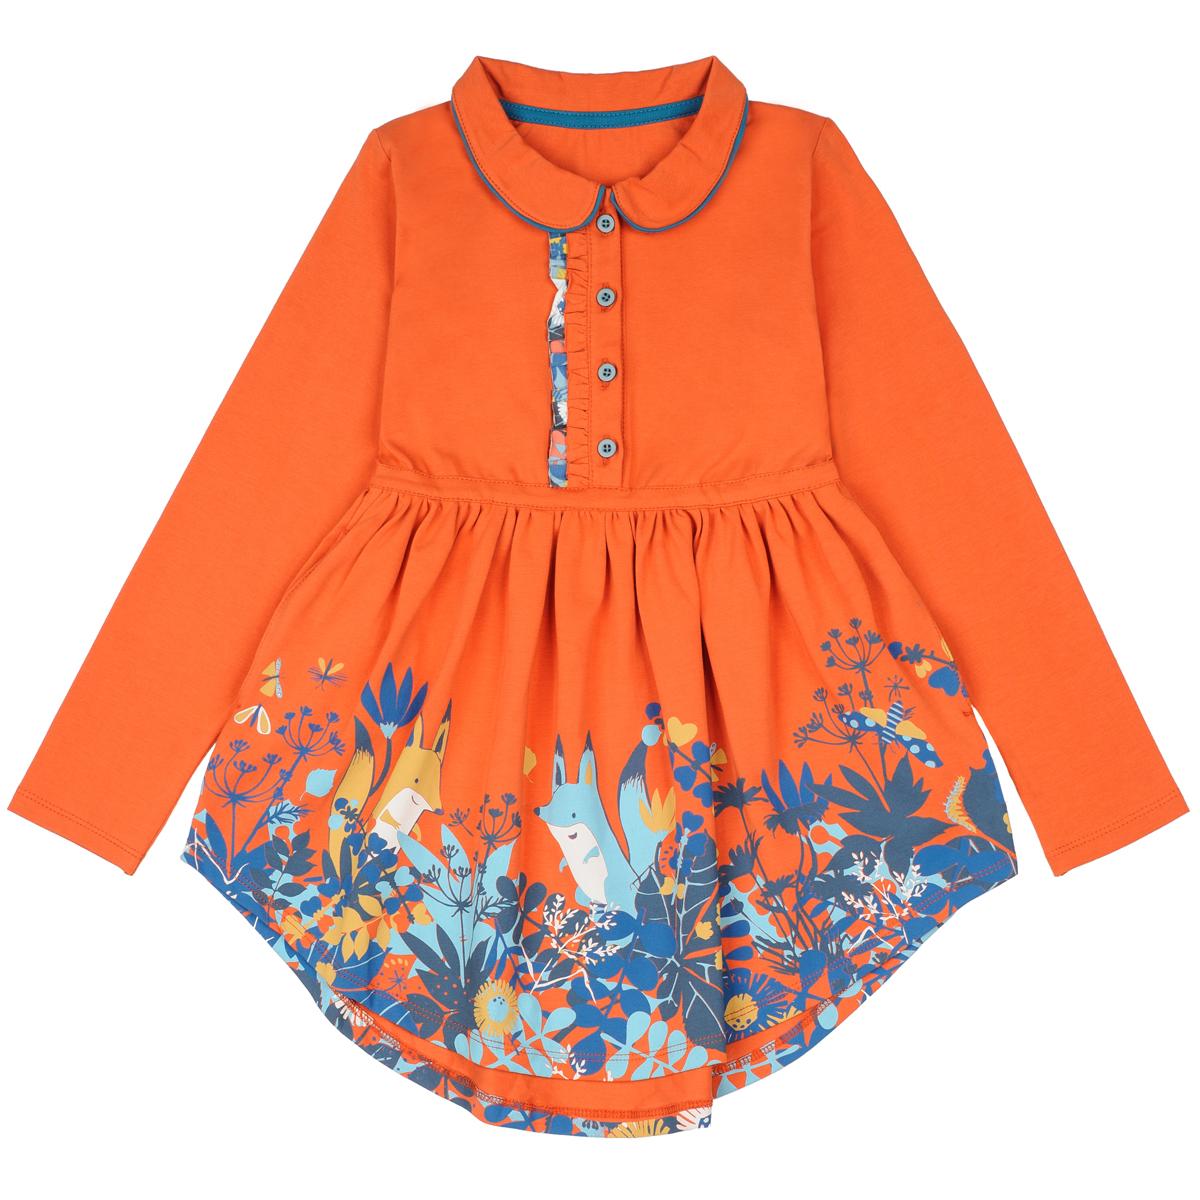 Платье KogankidsЯркое платье для девочки с длинными рукавами и воротничком. Удлиненная сзади юбка со складками, боковыми карманами и цветочным принтом. Отлично подойдет для праздников и на каждый день.<br>Размер: 104, 110, 116, 122, 128, 134, 140, 80, 86, 92, 98; Цвет: Терракотовый;